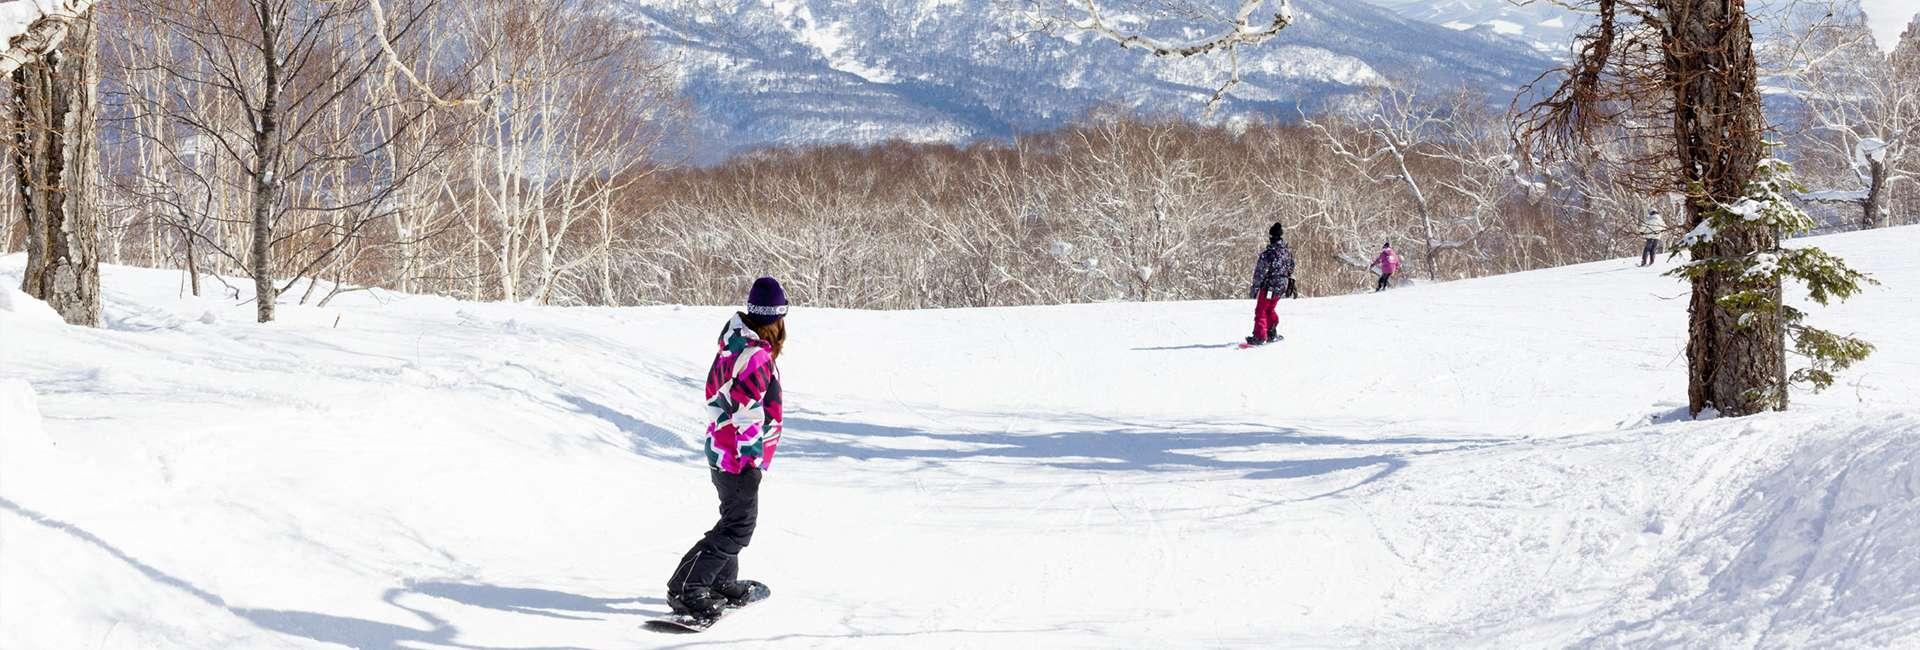 ski slope in Niseko